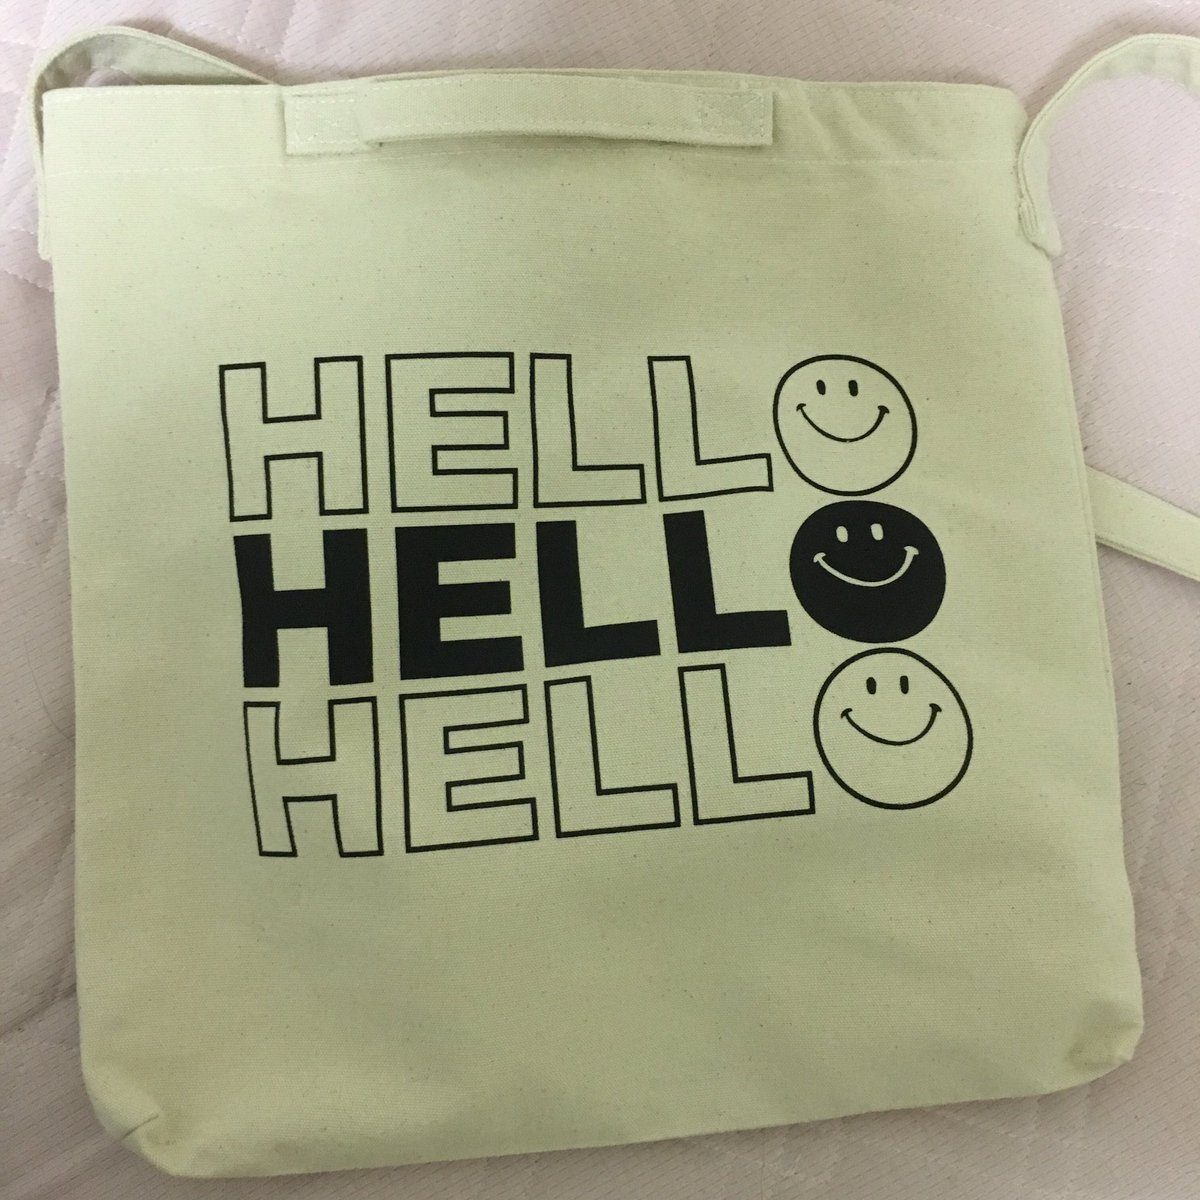 このバッグ見た時、 「地獄      地獄      地獄 」 て書いてあってから、怖っ……て言ったら妹が「ハローじゃない?」って言って、ぁぁあああ………て頭抱えた